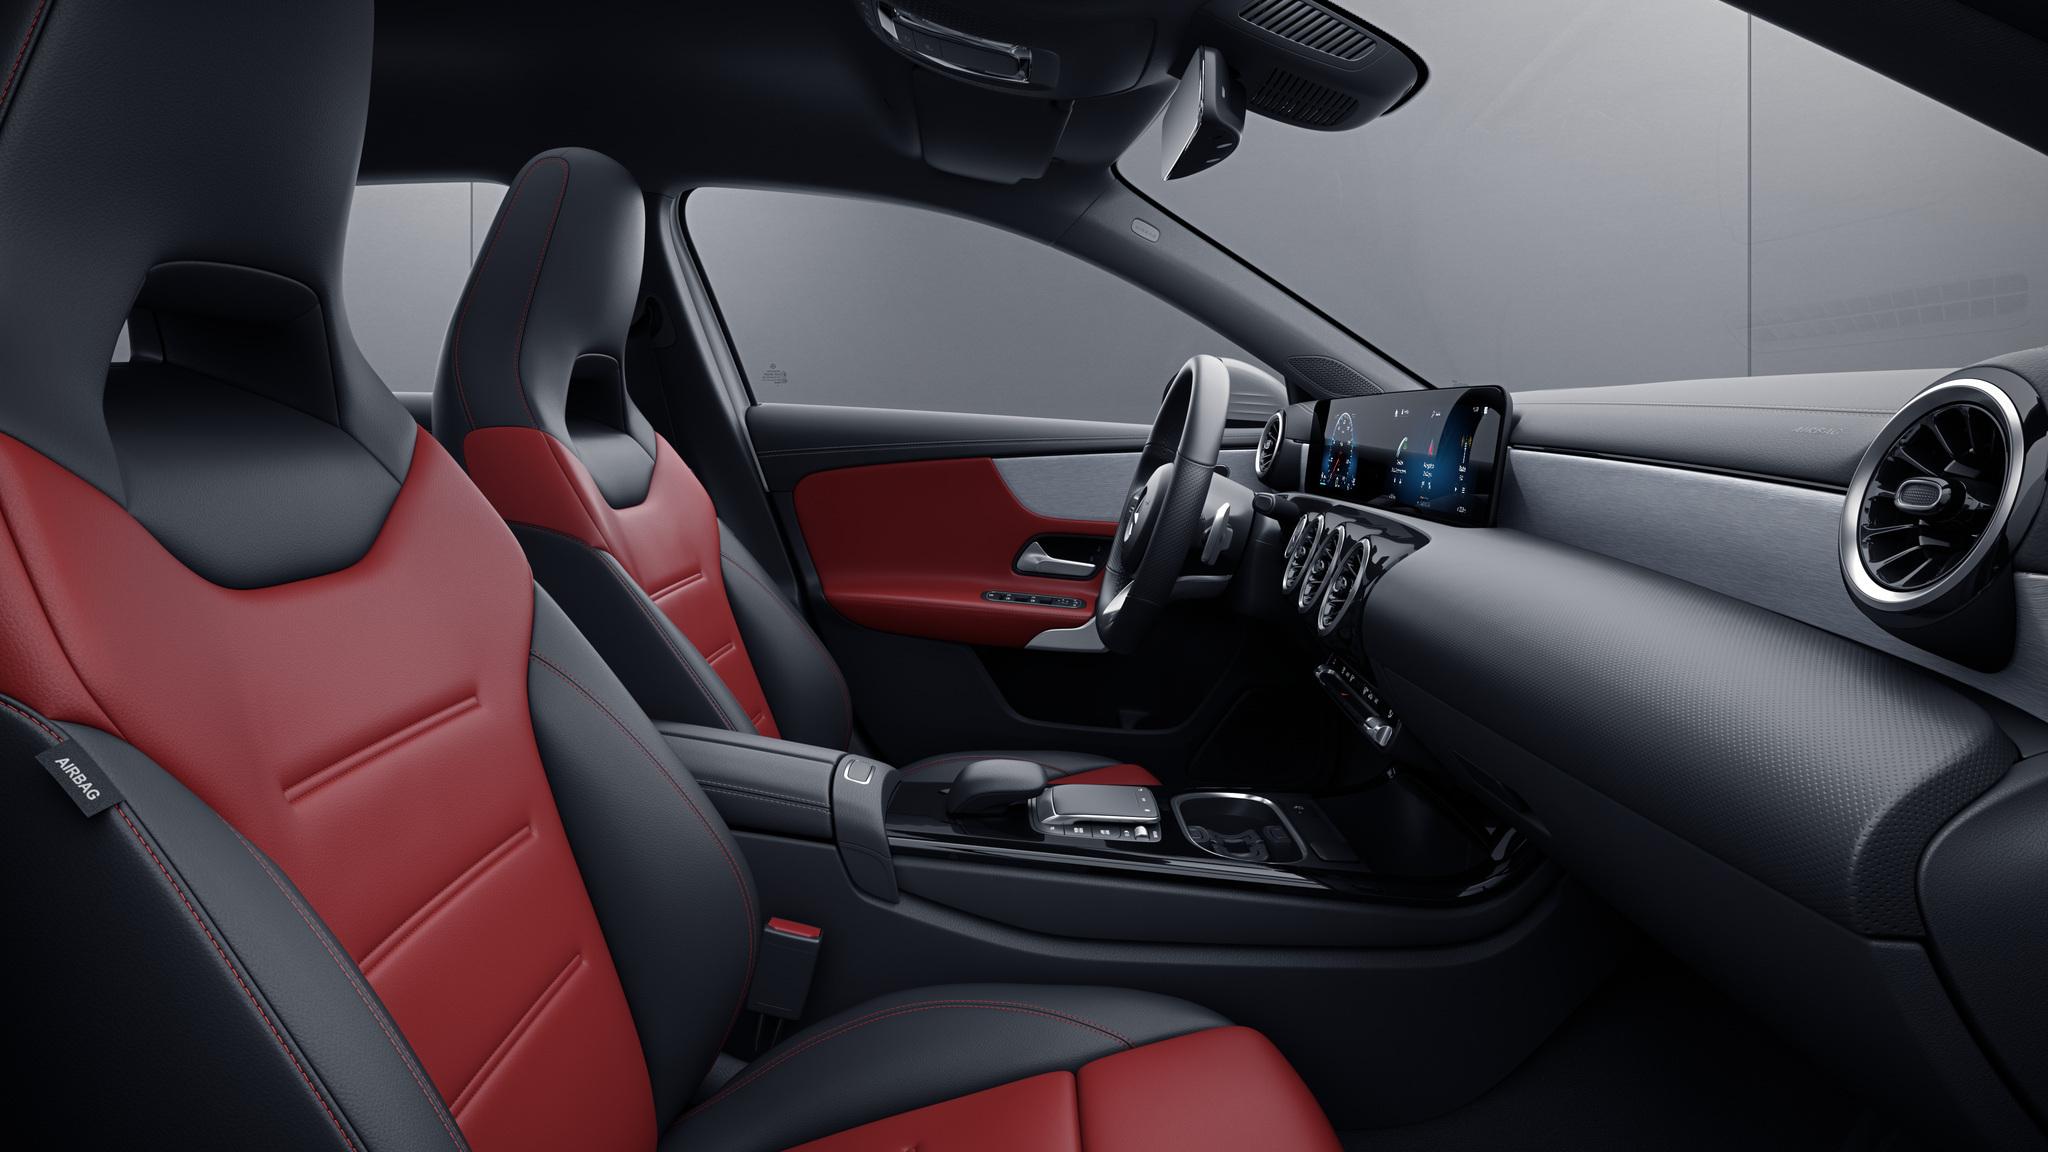 Habitacle de la Mercedes Classe A avec une Sellerie Cuir Rouge Classique Noir